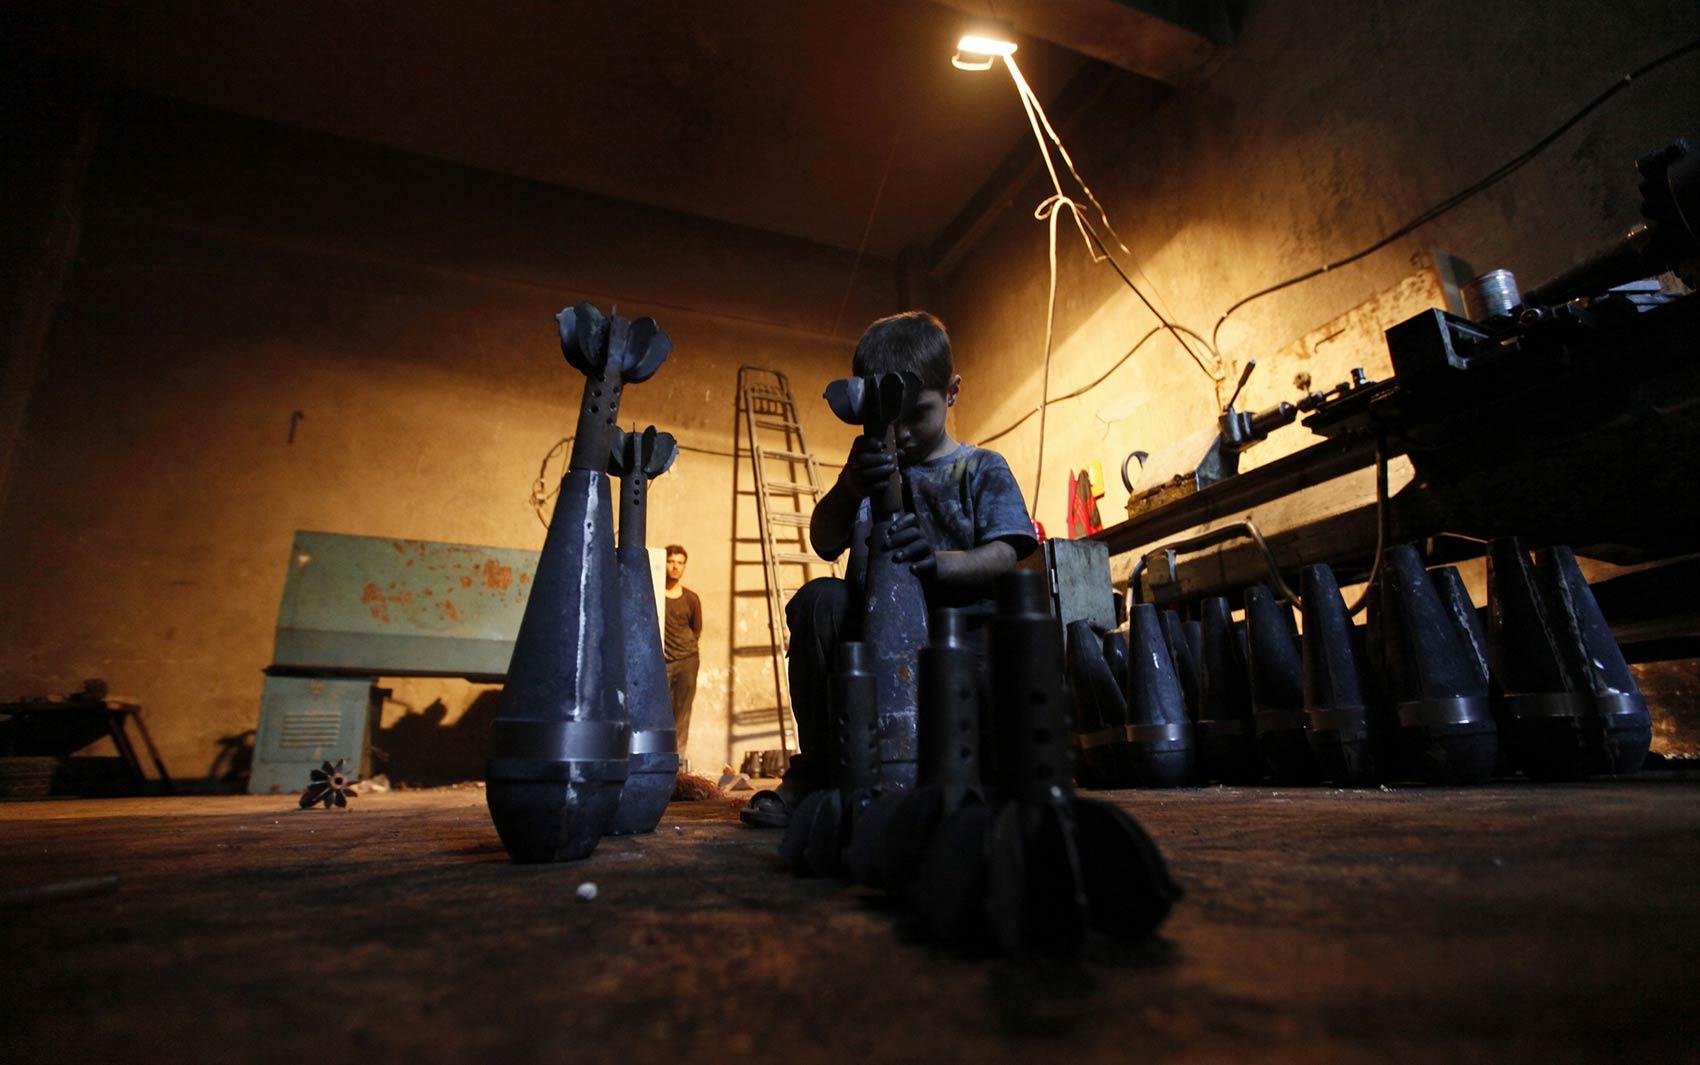 Em uma fábrica que fornece armamentos apra o Exército Livre da Síria em Aleppo, um jovem funcionário chama atenção preparando bombas e morteiros. Aos 10 anos, o jovem Issa ajuda seu pai na fábrica trabalhando 10 horas por dia, folgando apenas às sextas.